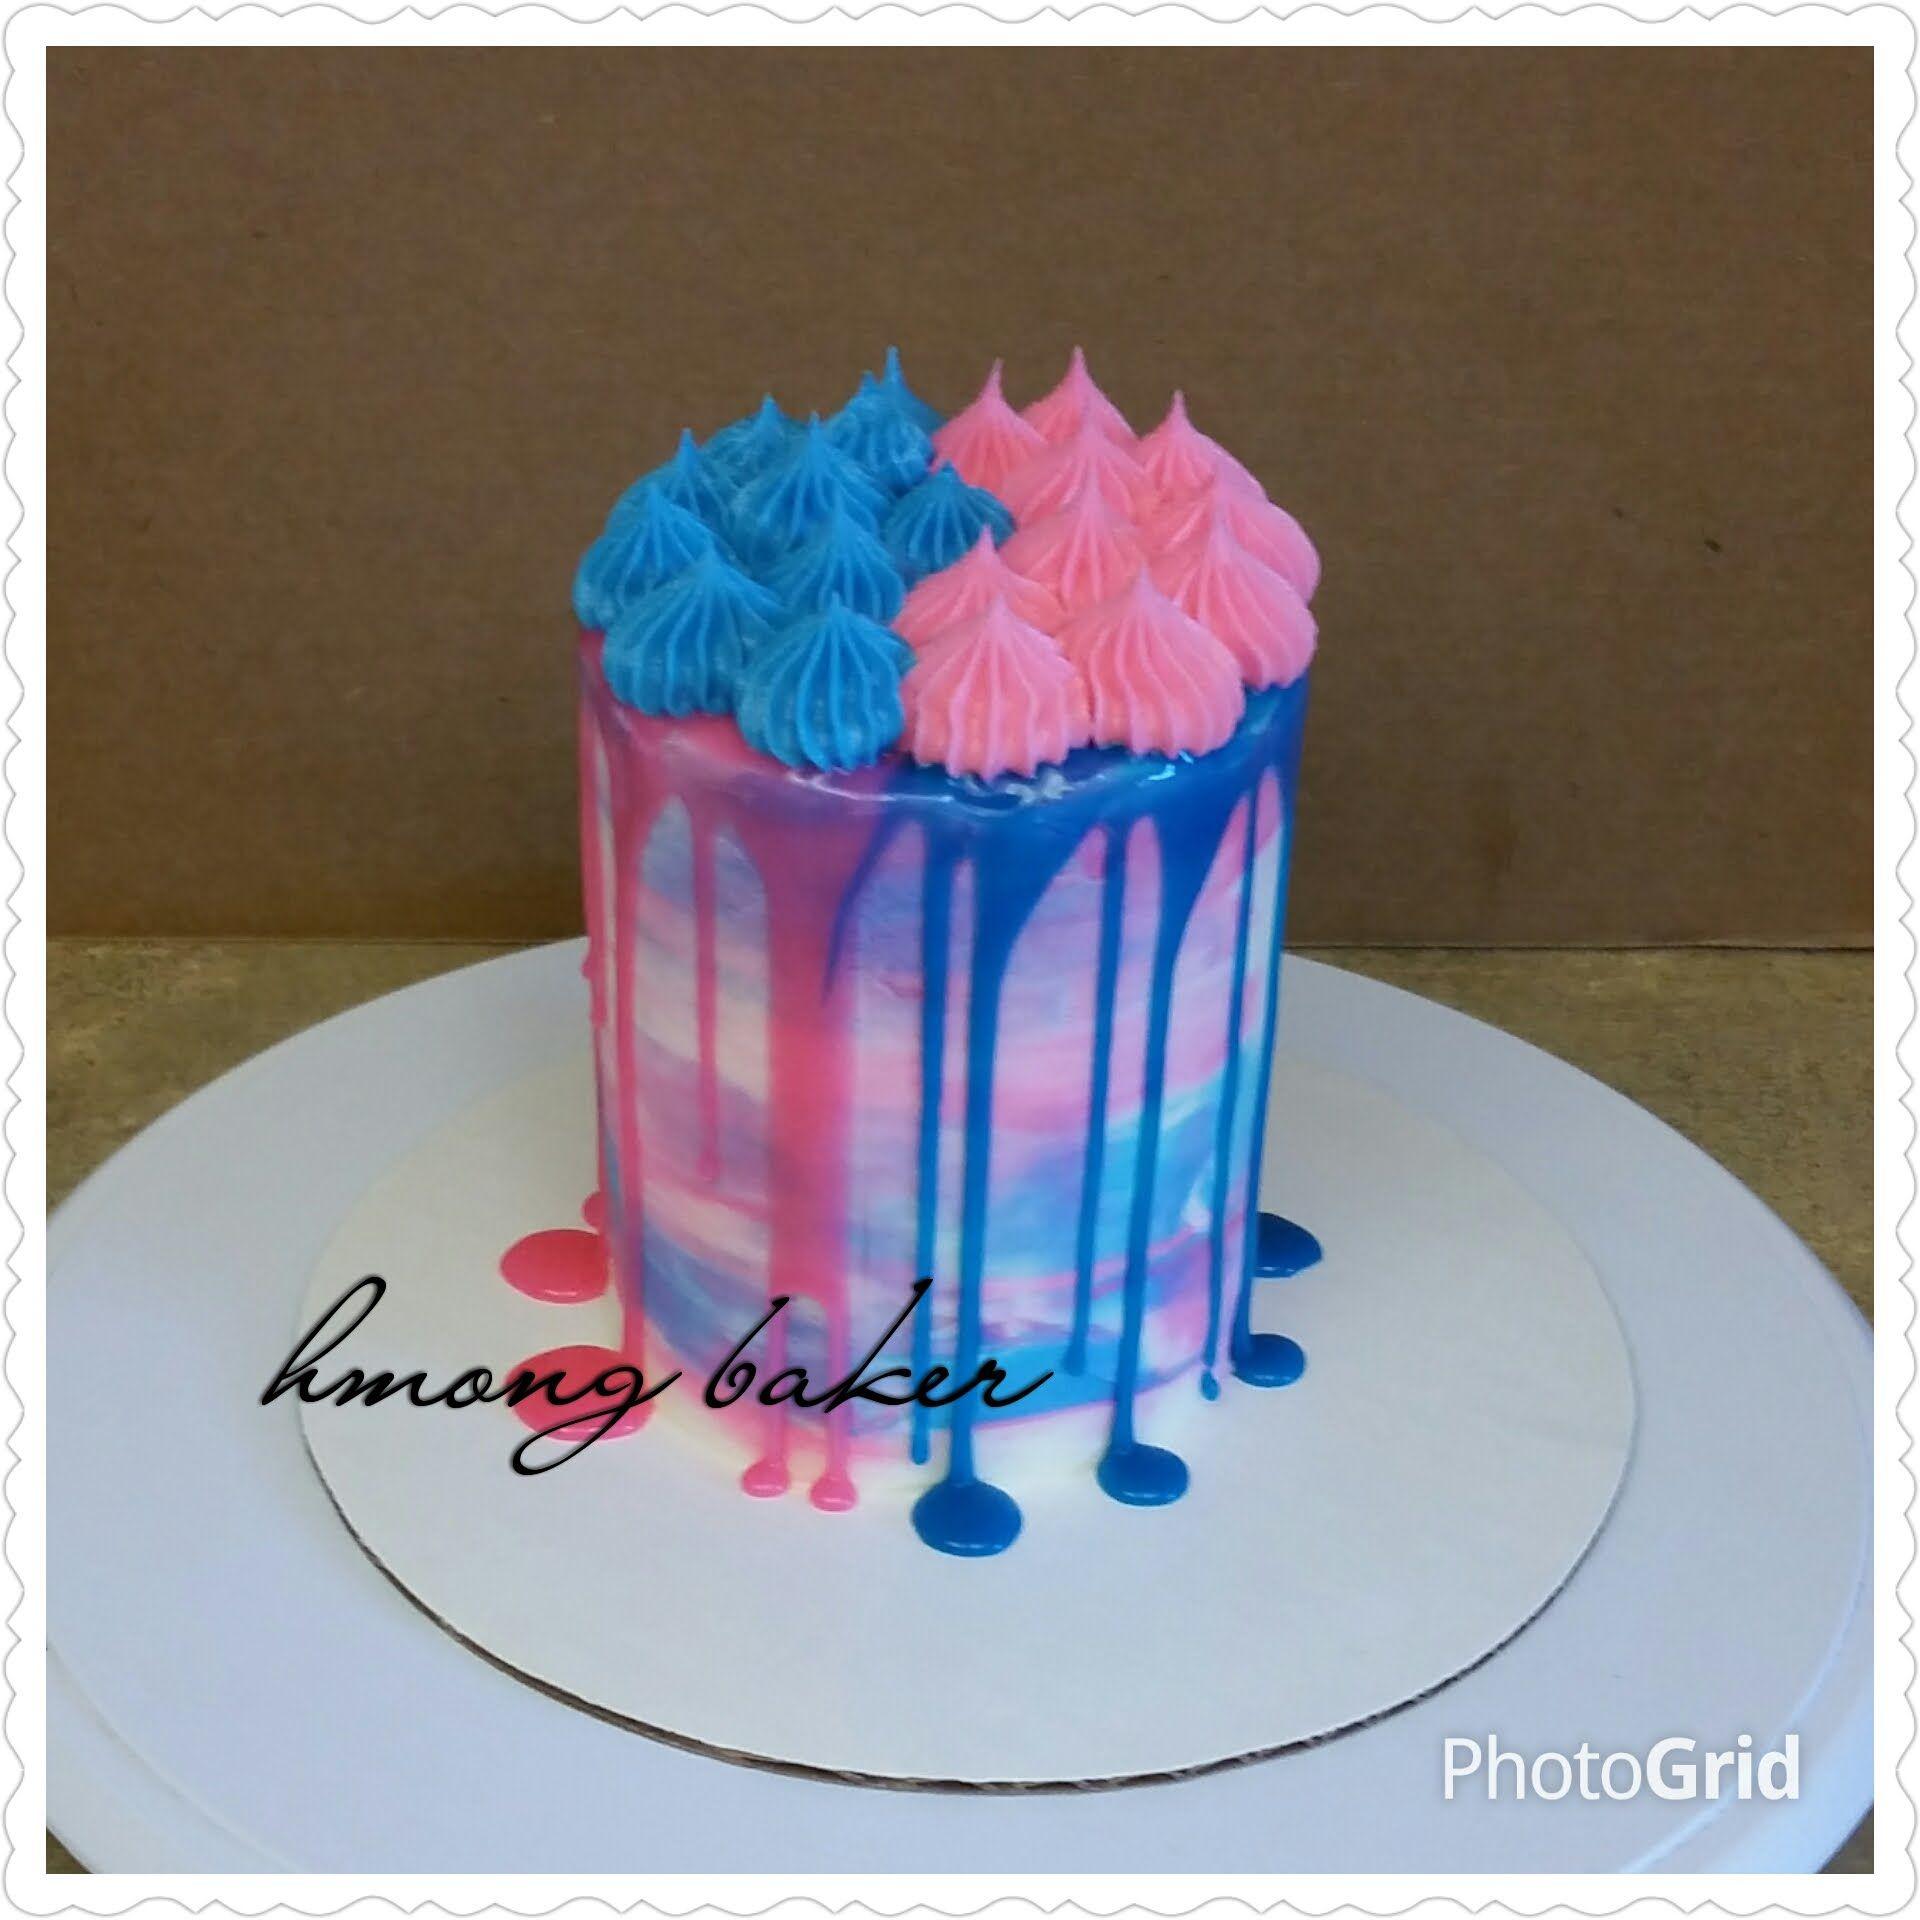 Baby Shower Cake. Cake Decorating